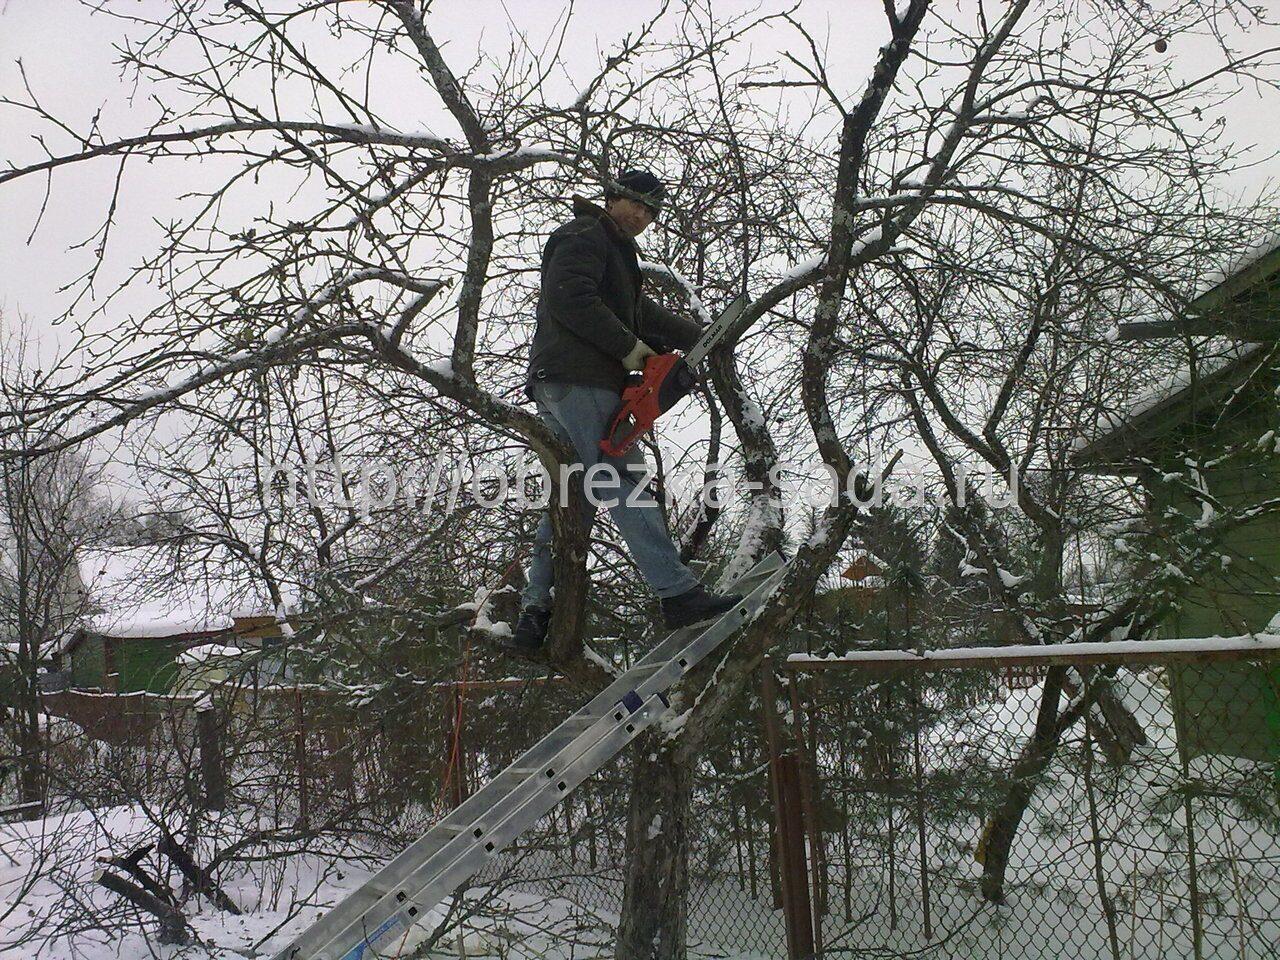 Обрезка яблонь Обрезка деревьев весной Обрезать деревья зимой Киев.